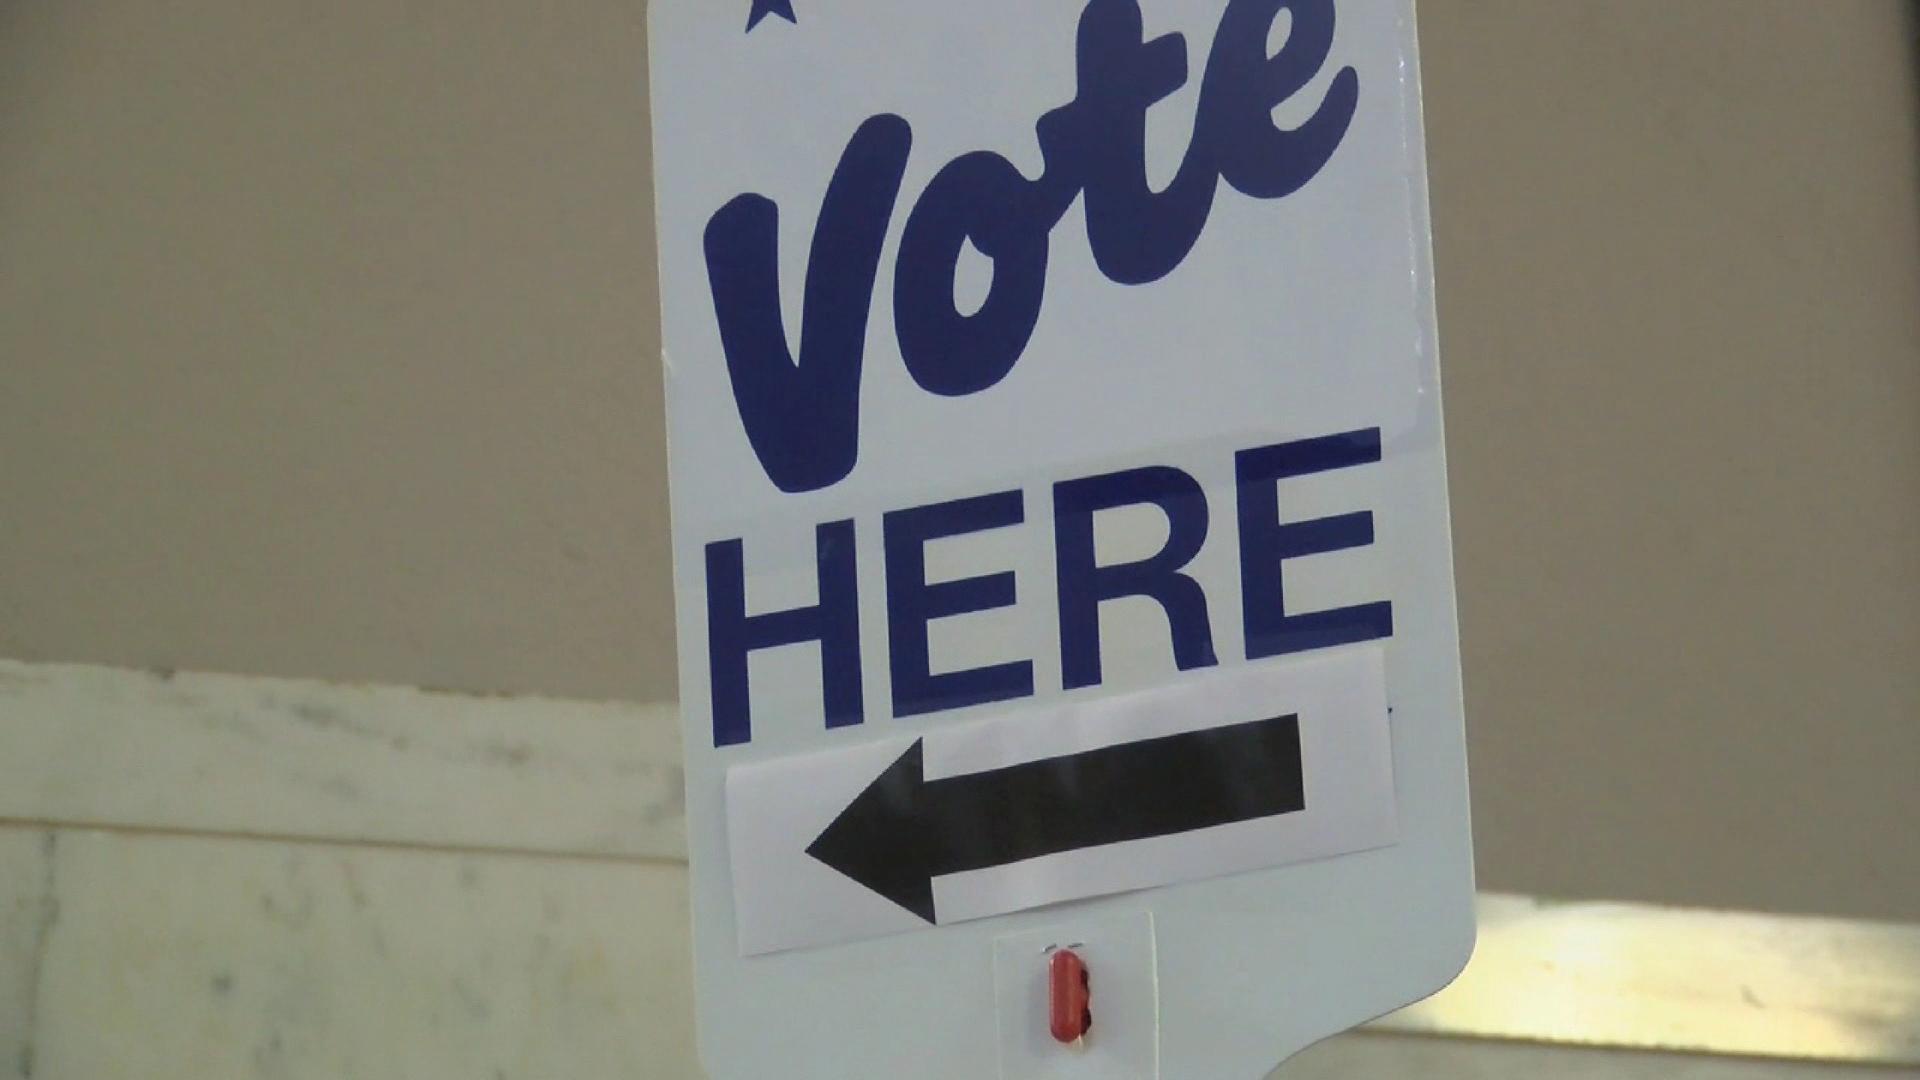 Voting_371123